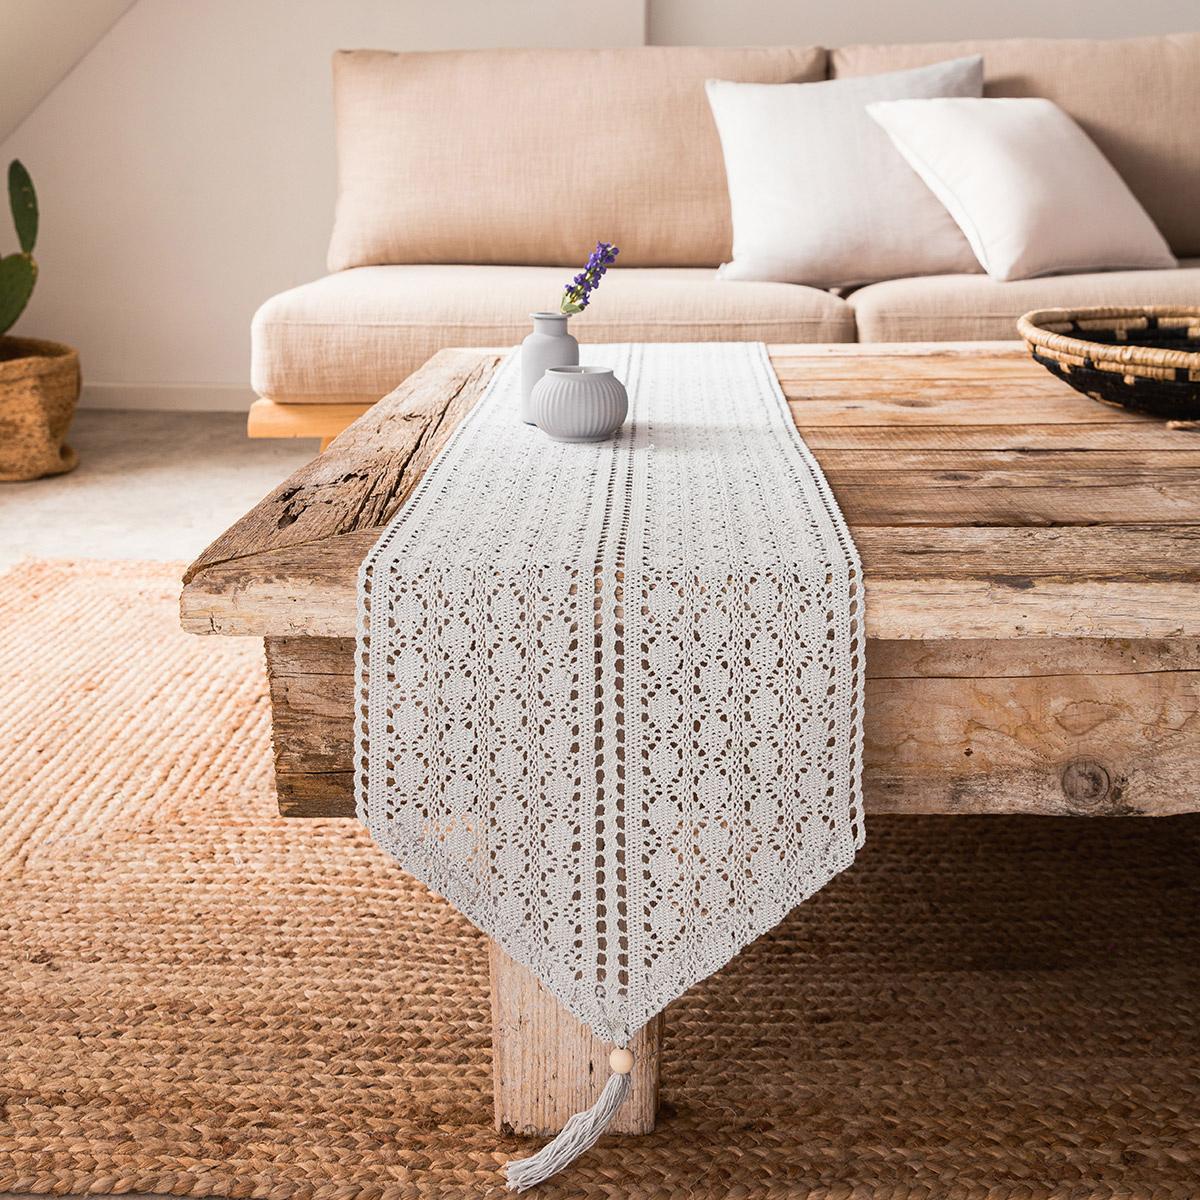 Τραβέρσα Gofis Home Crochet Grey 019/15